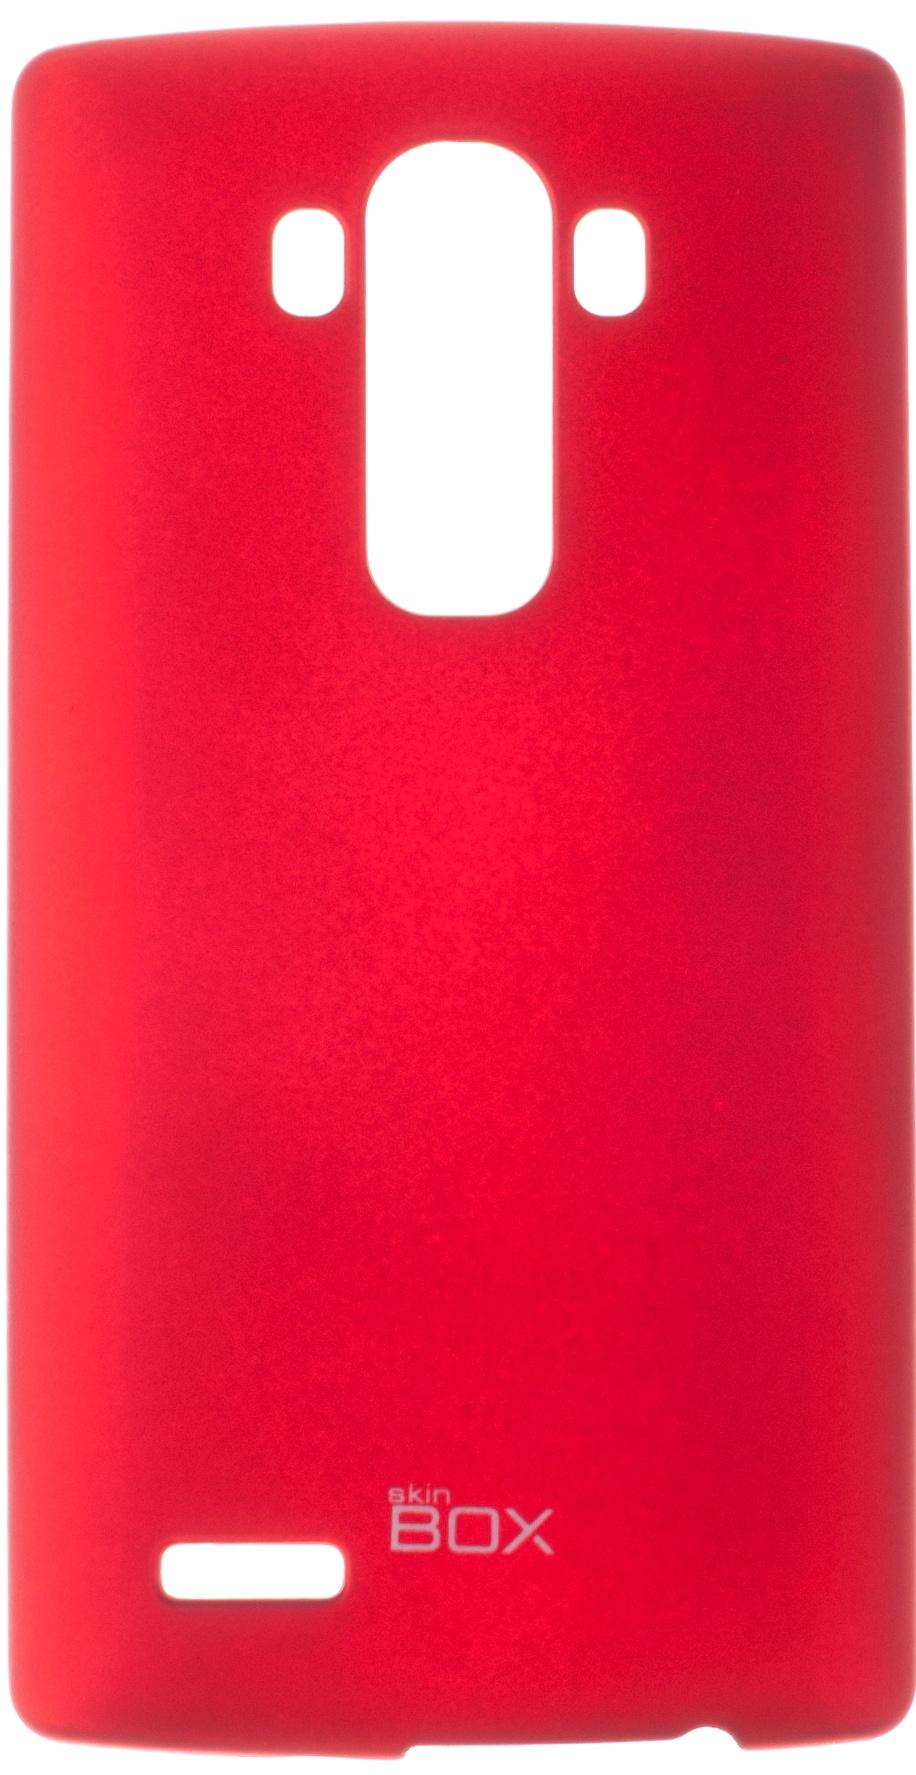 Чехол для сотового телефона skinBOX 4People, 4630042527003, красный цена